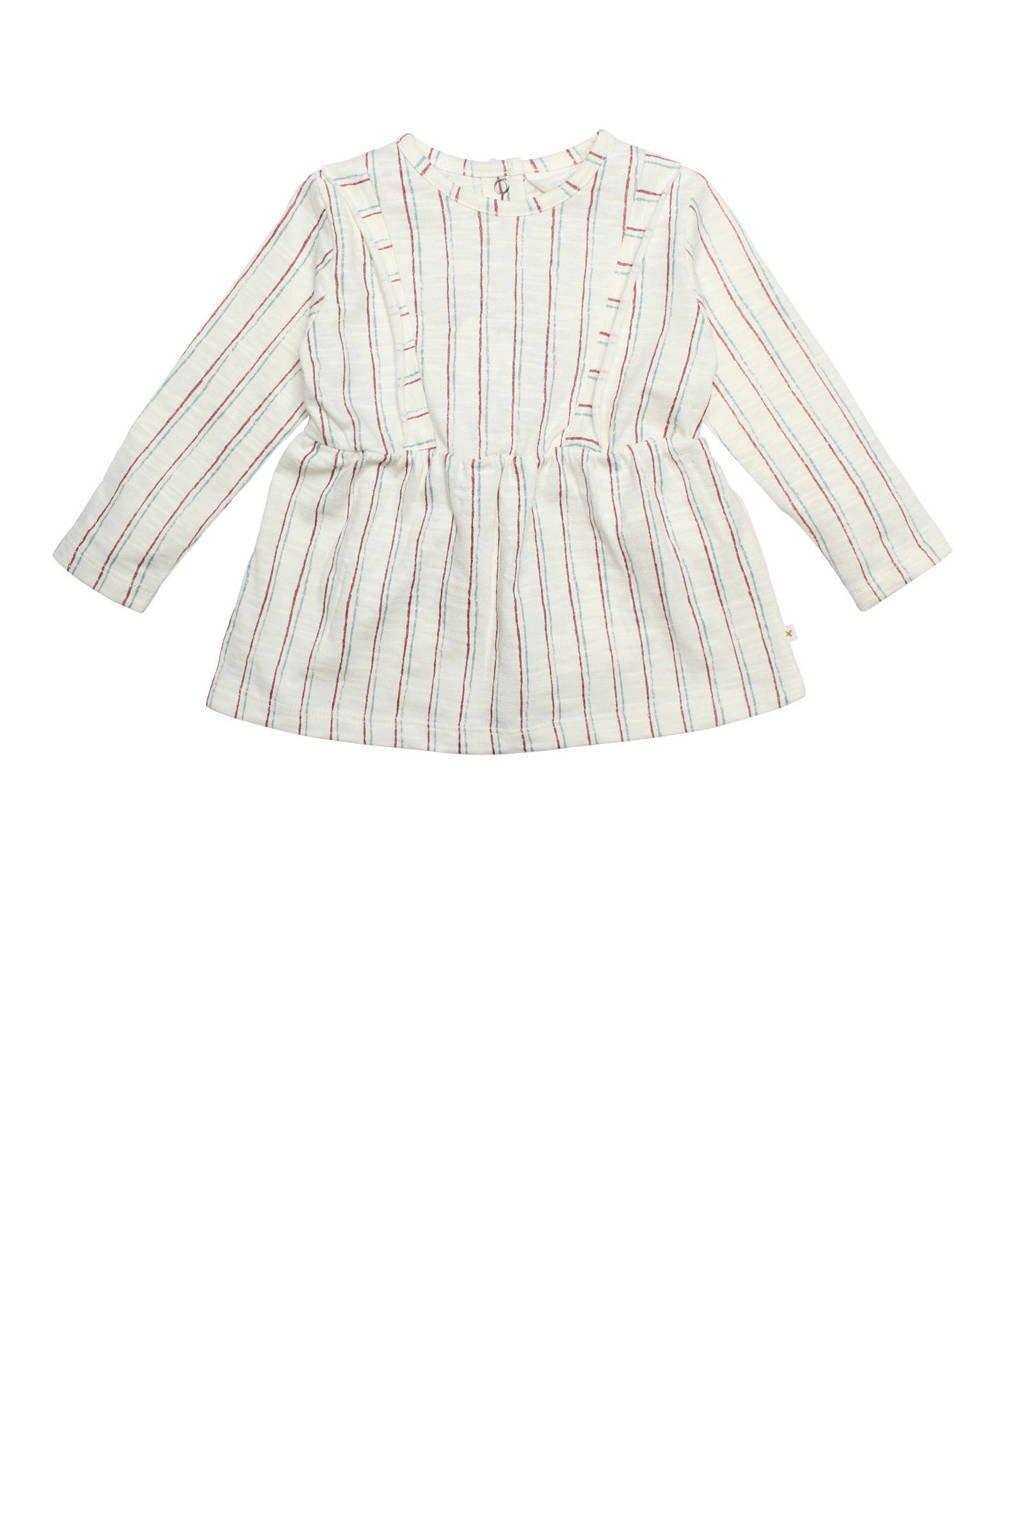 Moodstreet Petit gestreepte jurk Olive gebroken wit, Gebroken wit